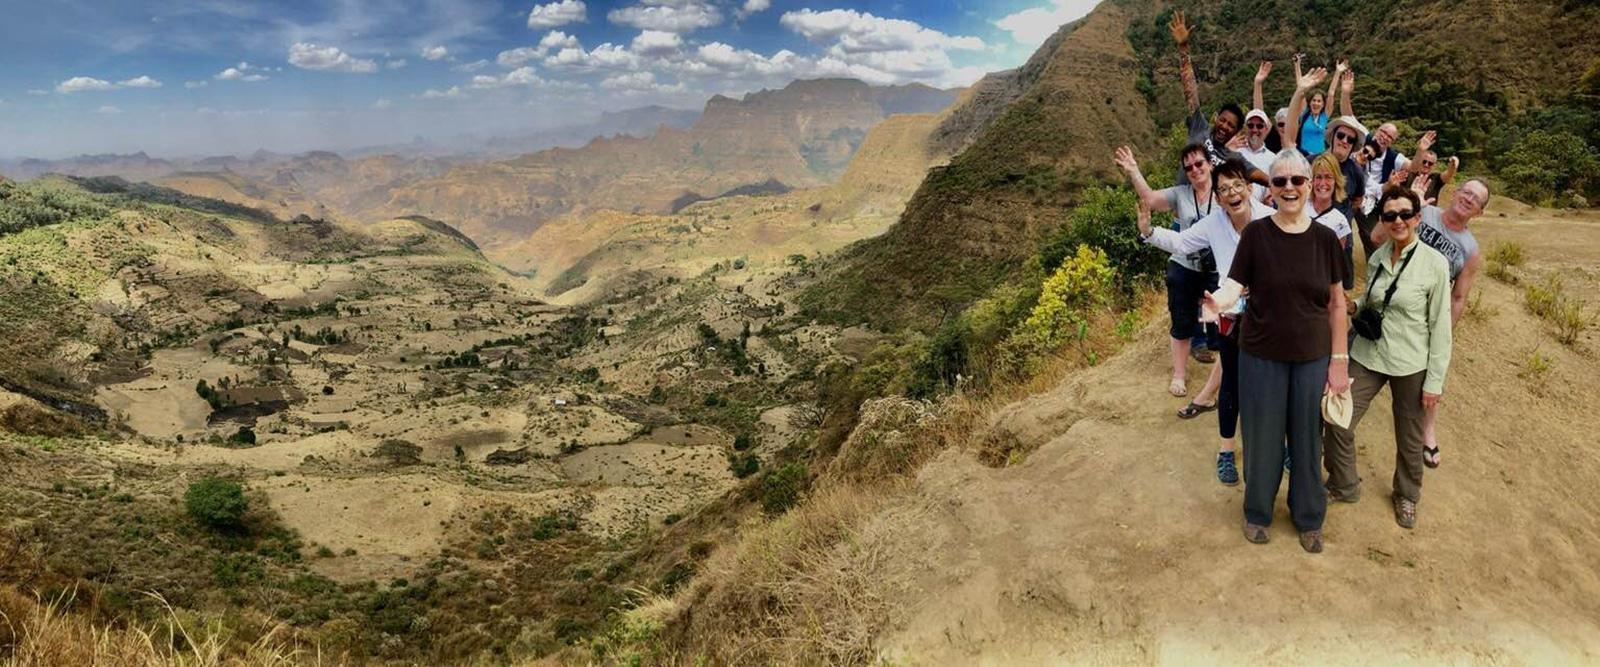 img-diapo-entete - Ethiopie-Avril-18-1600x700.jpg